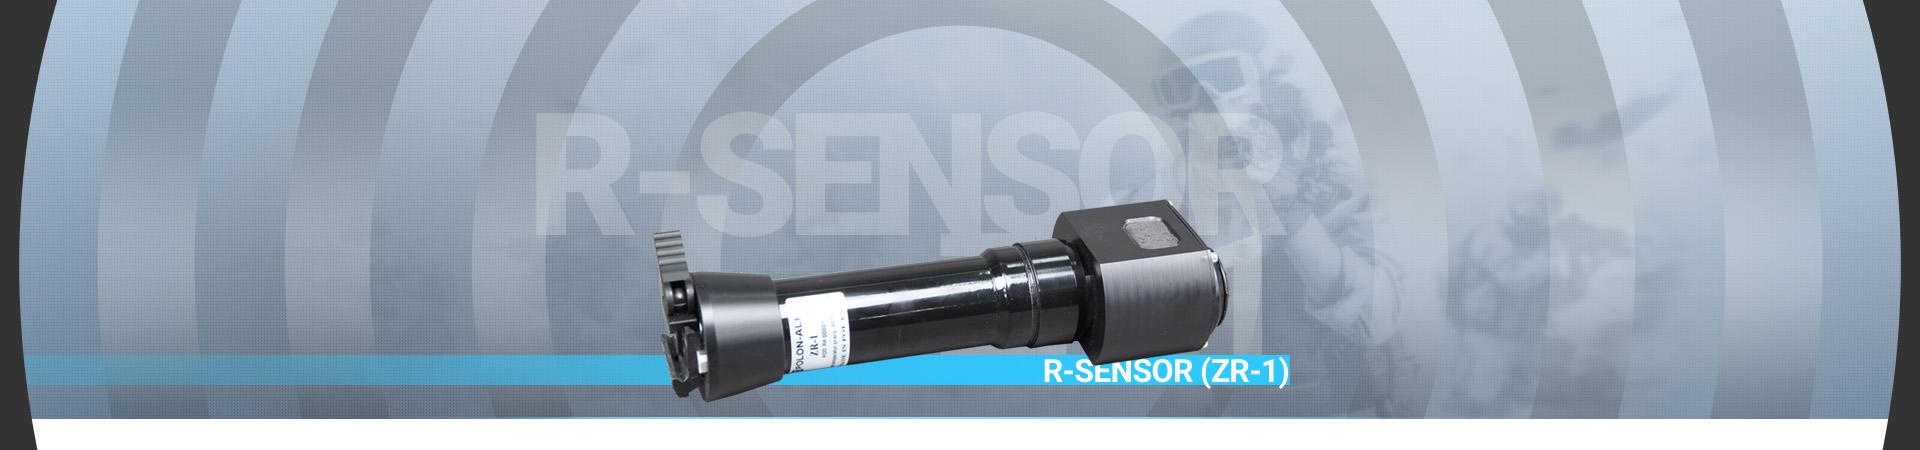 r-sensor-zr1-1920x450